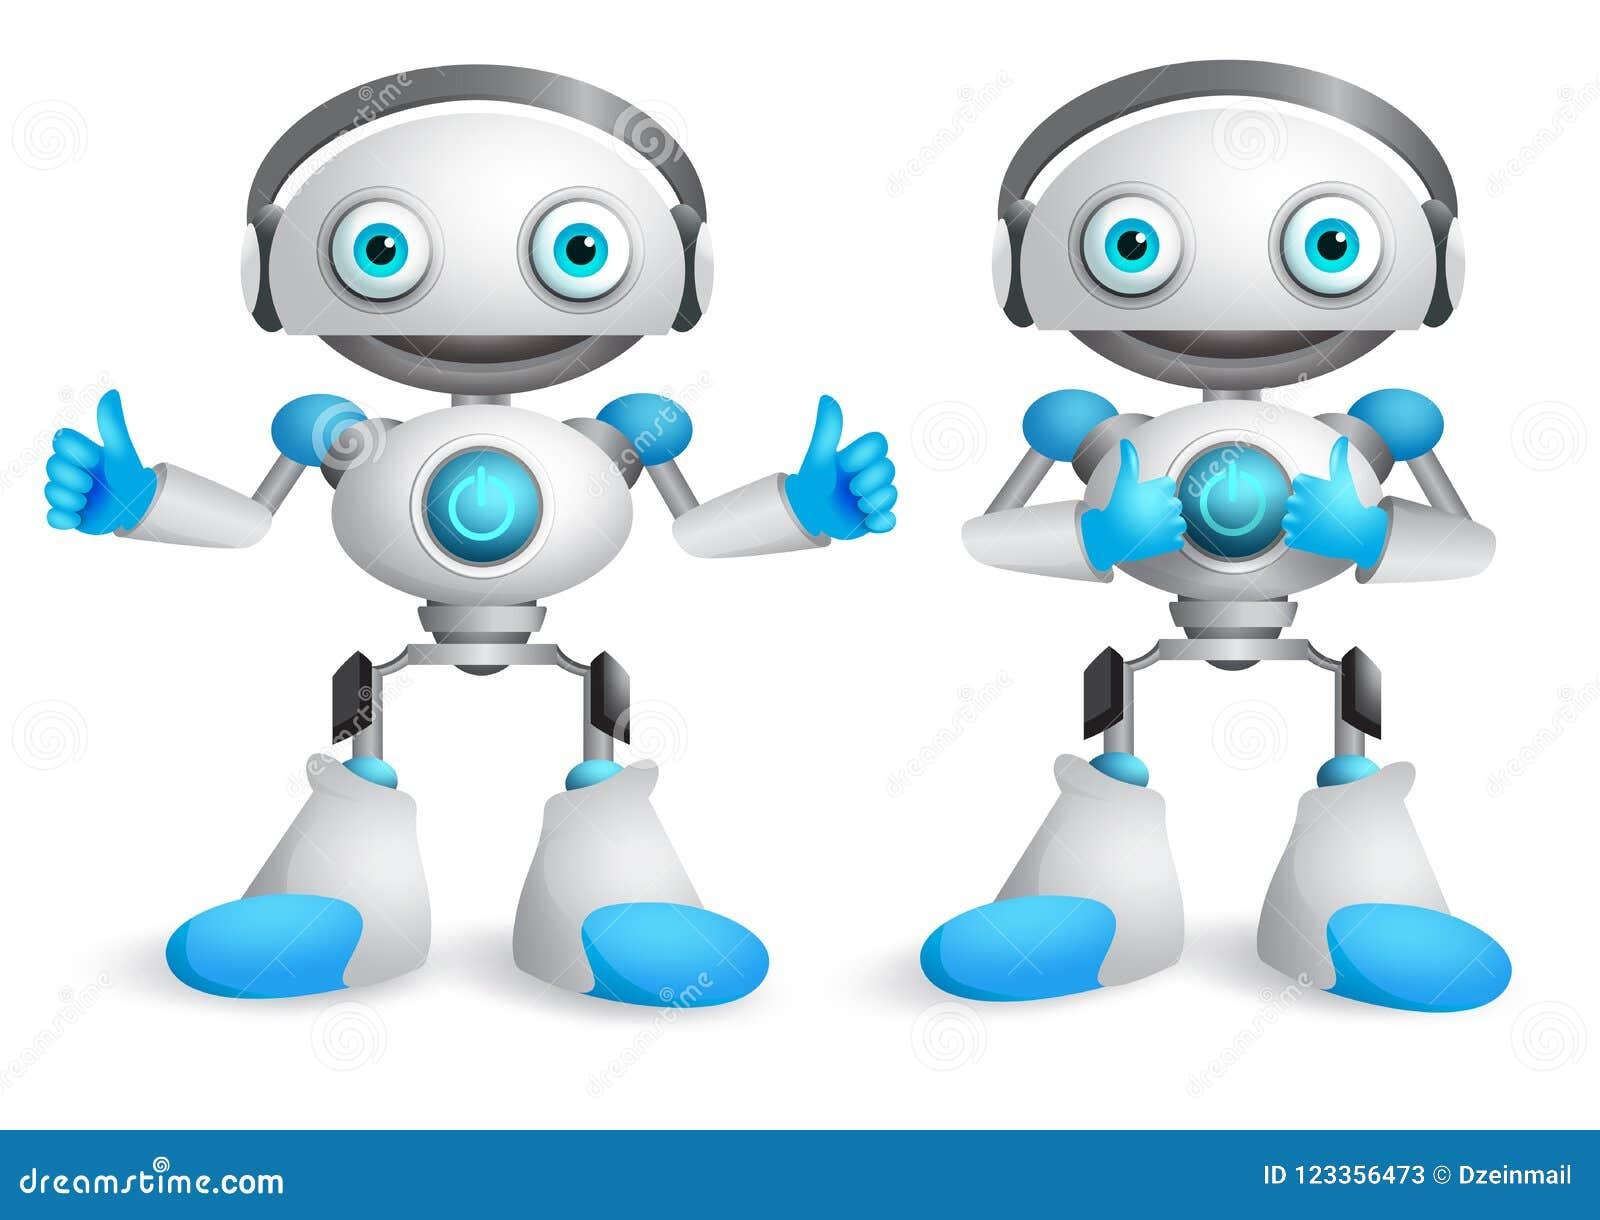 机器人传染媒介字符集 滑稽的吉祥人机器人设计元素